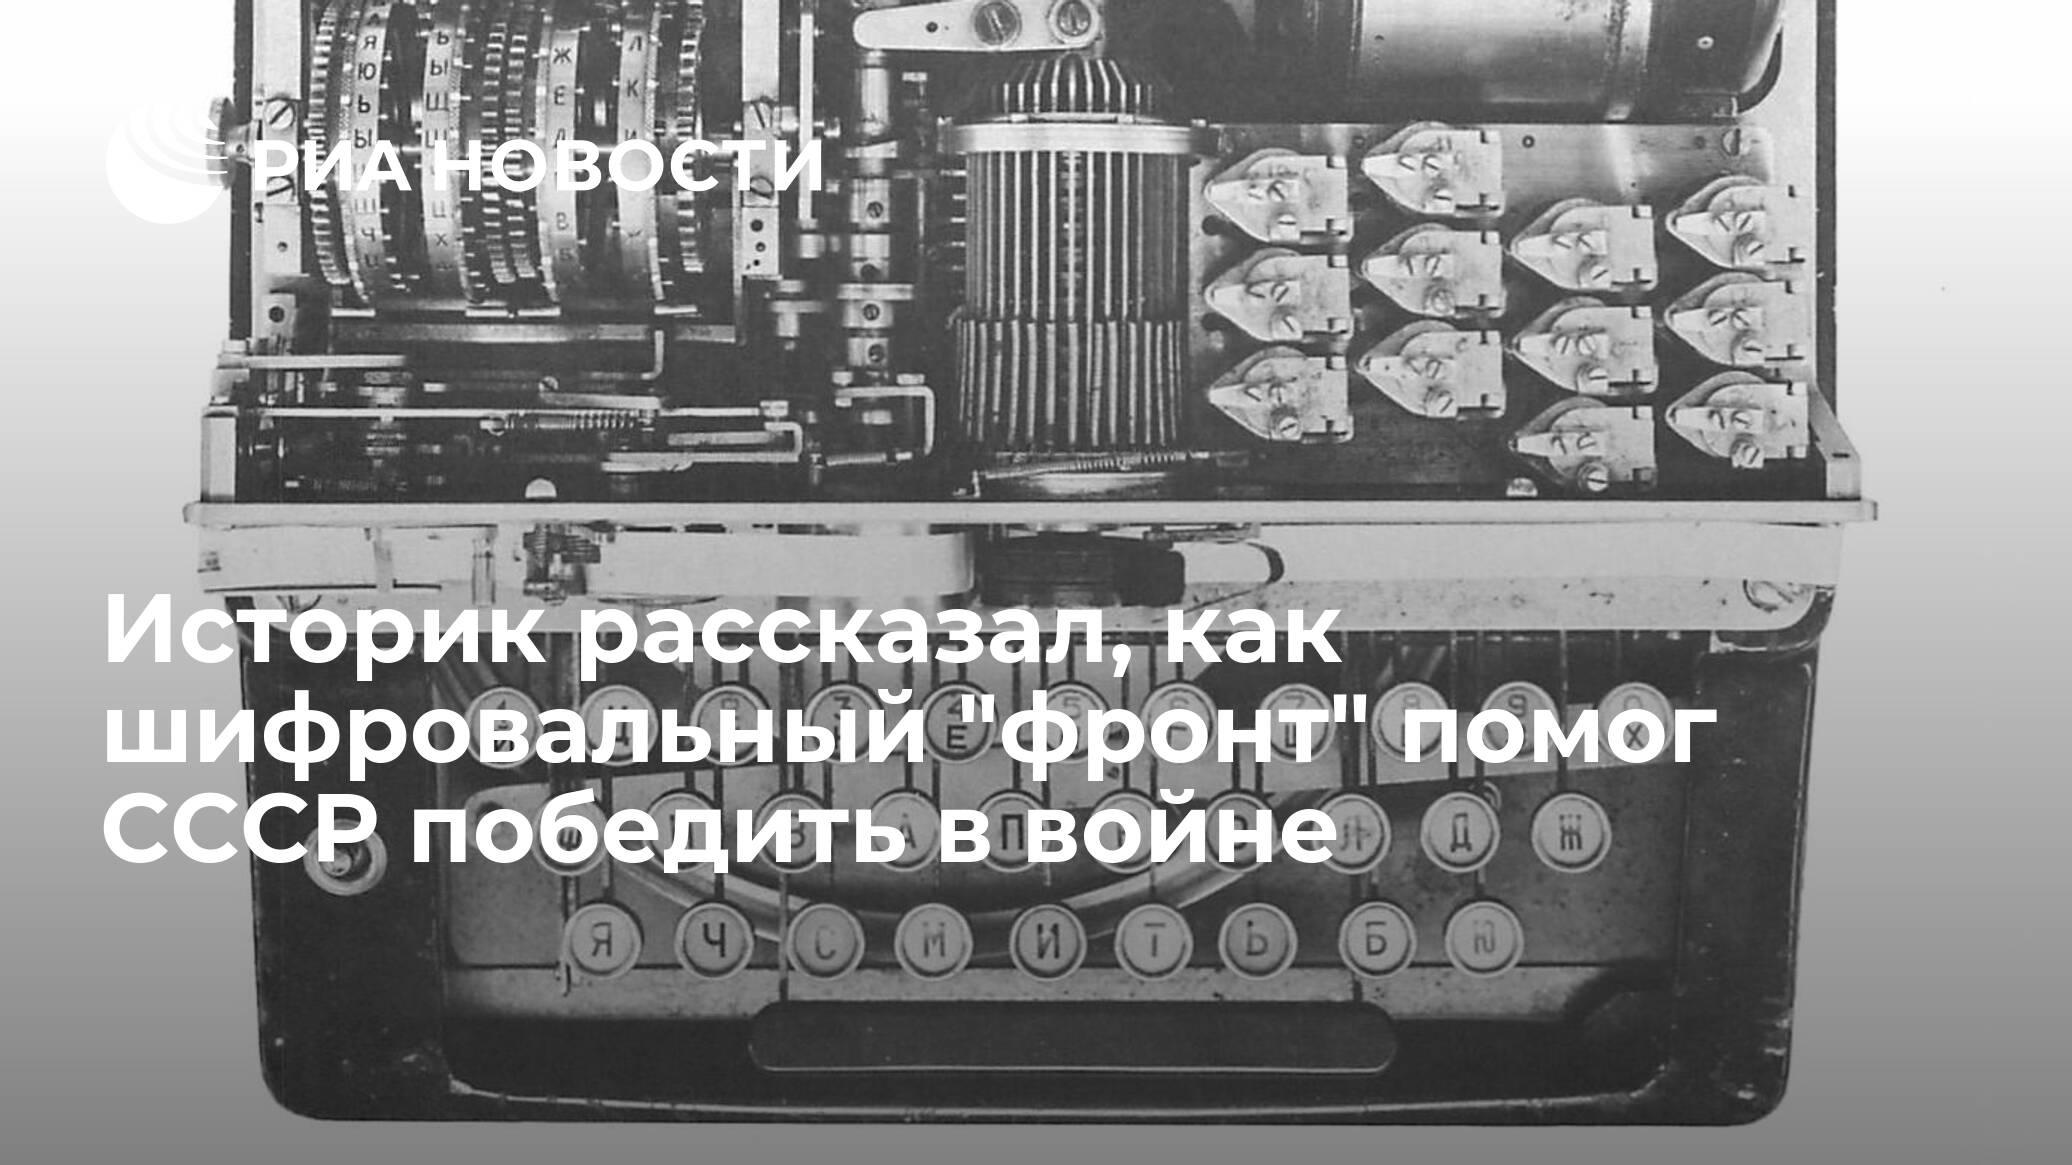 """Историк рассказал, как шифровальный """"фронт"""" помог СССР победить в войне"""